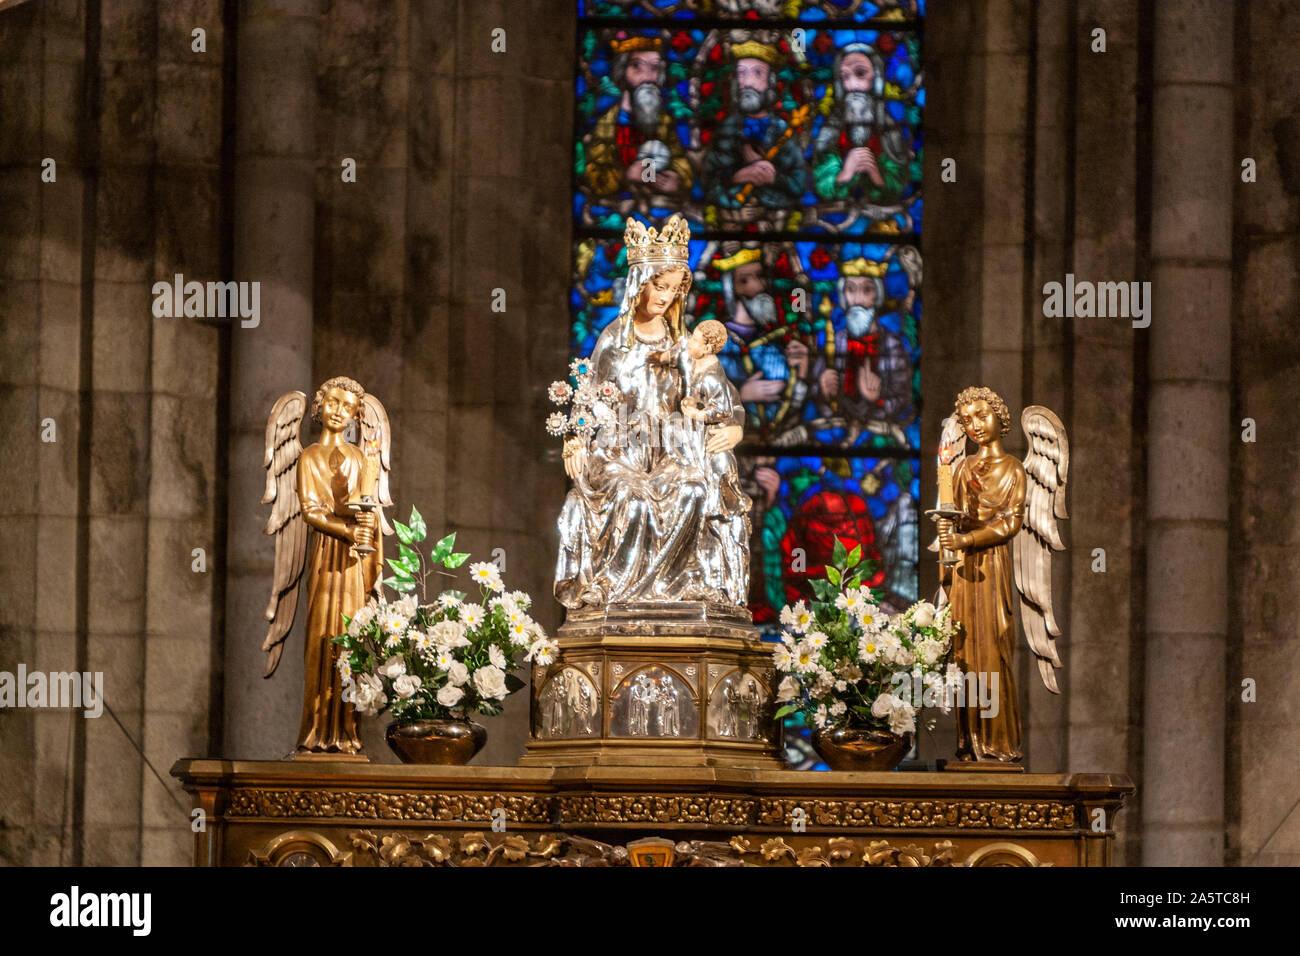 virgen-de-roncesvalles-silver-statue-in-